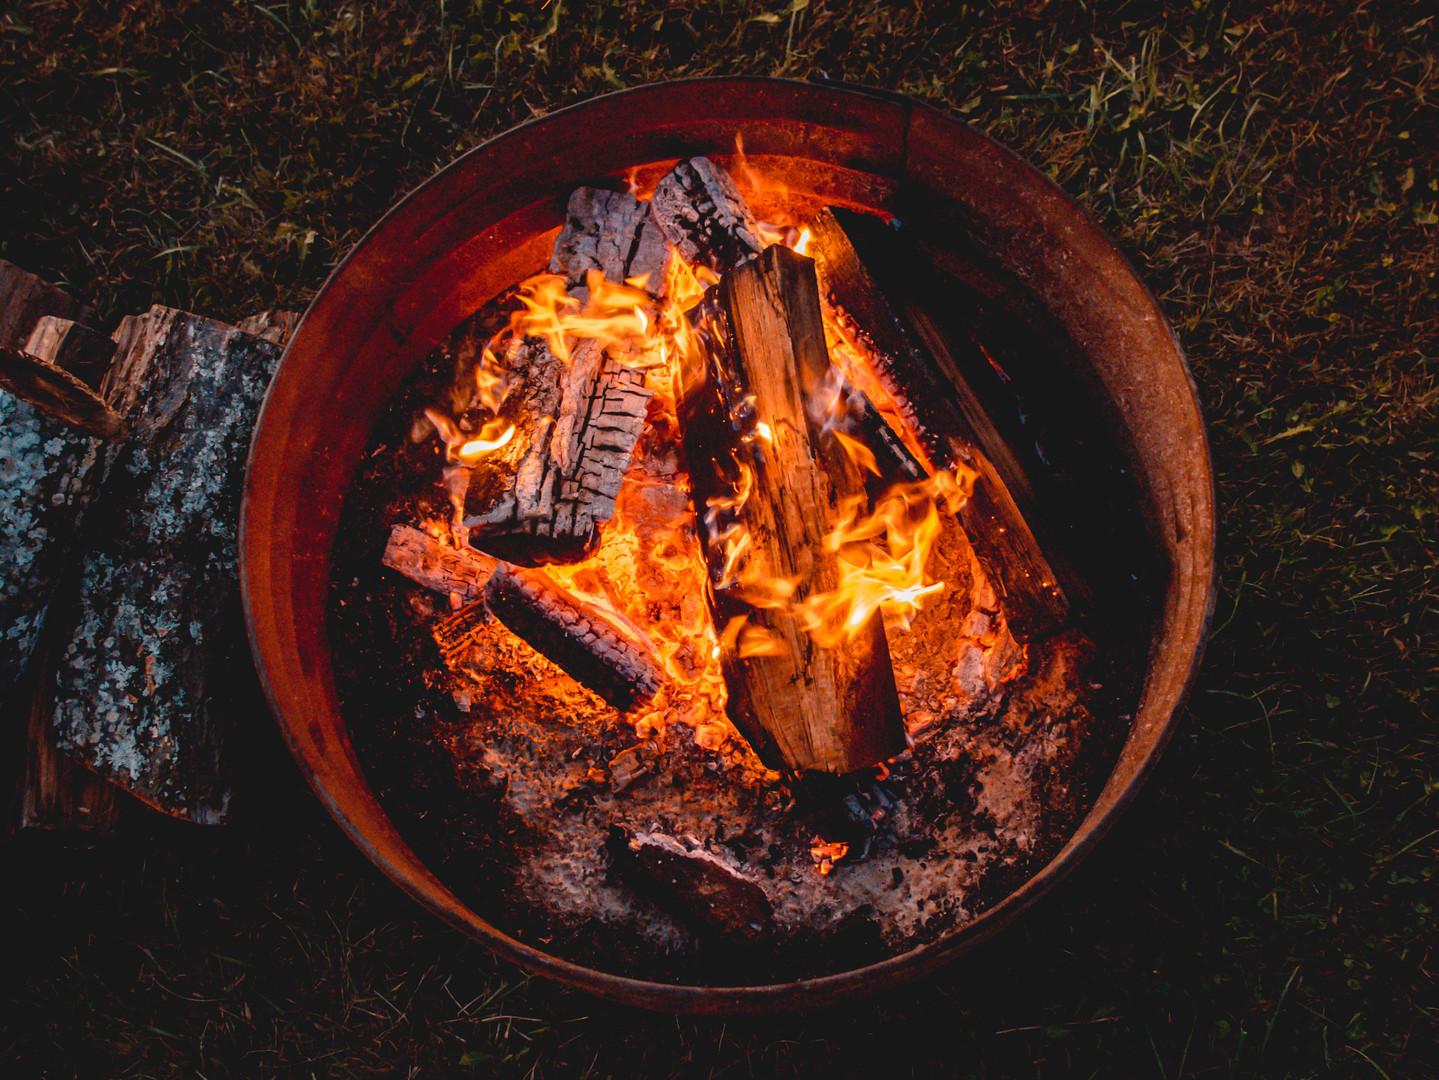 HoneysuckleHillBonfire.jpg